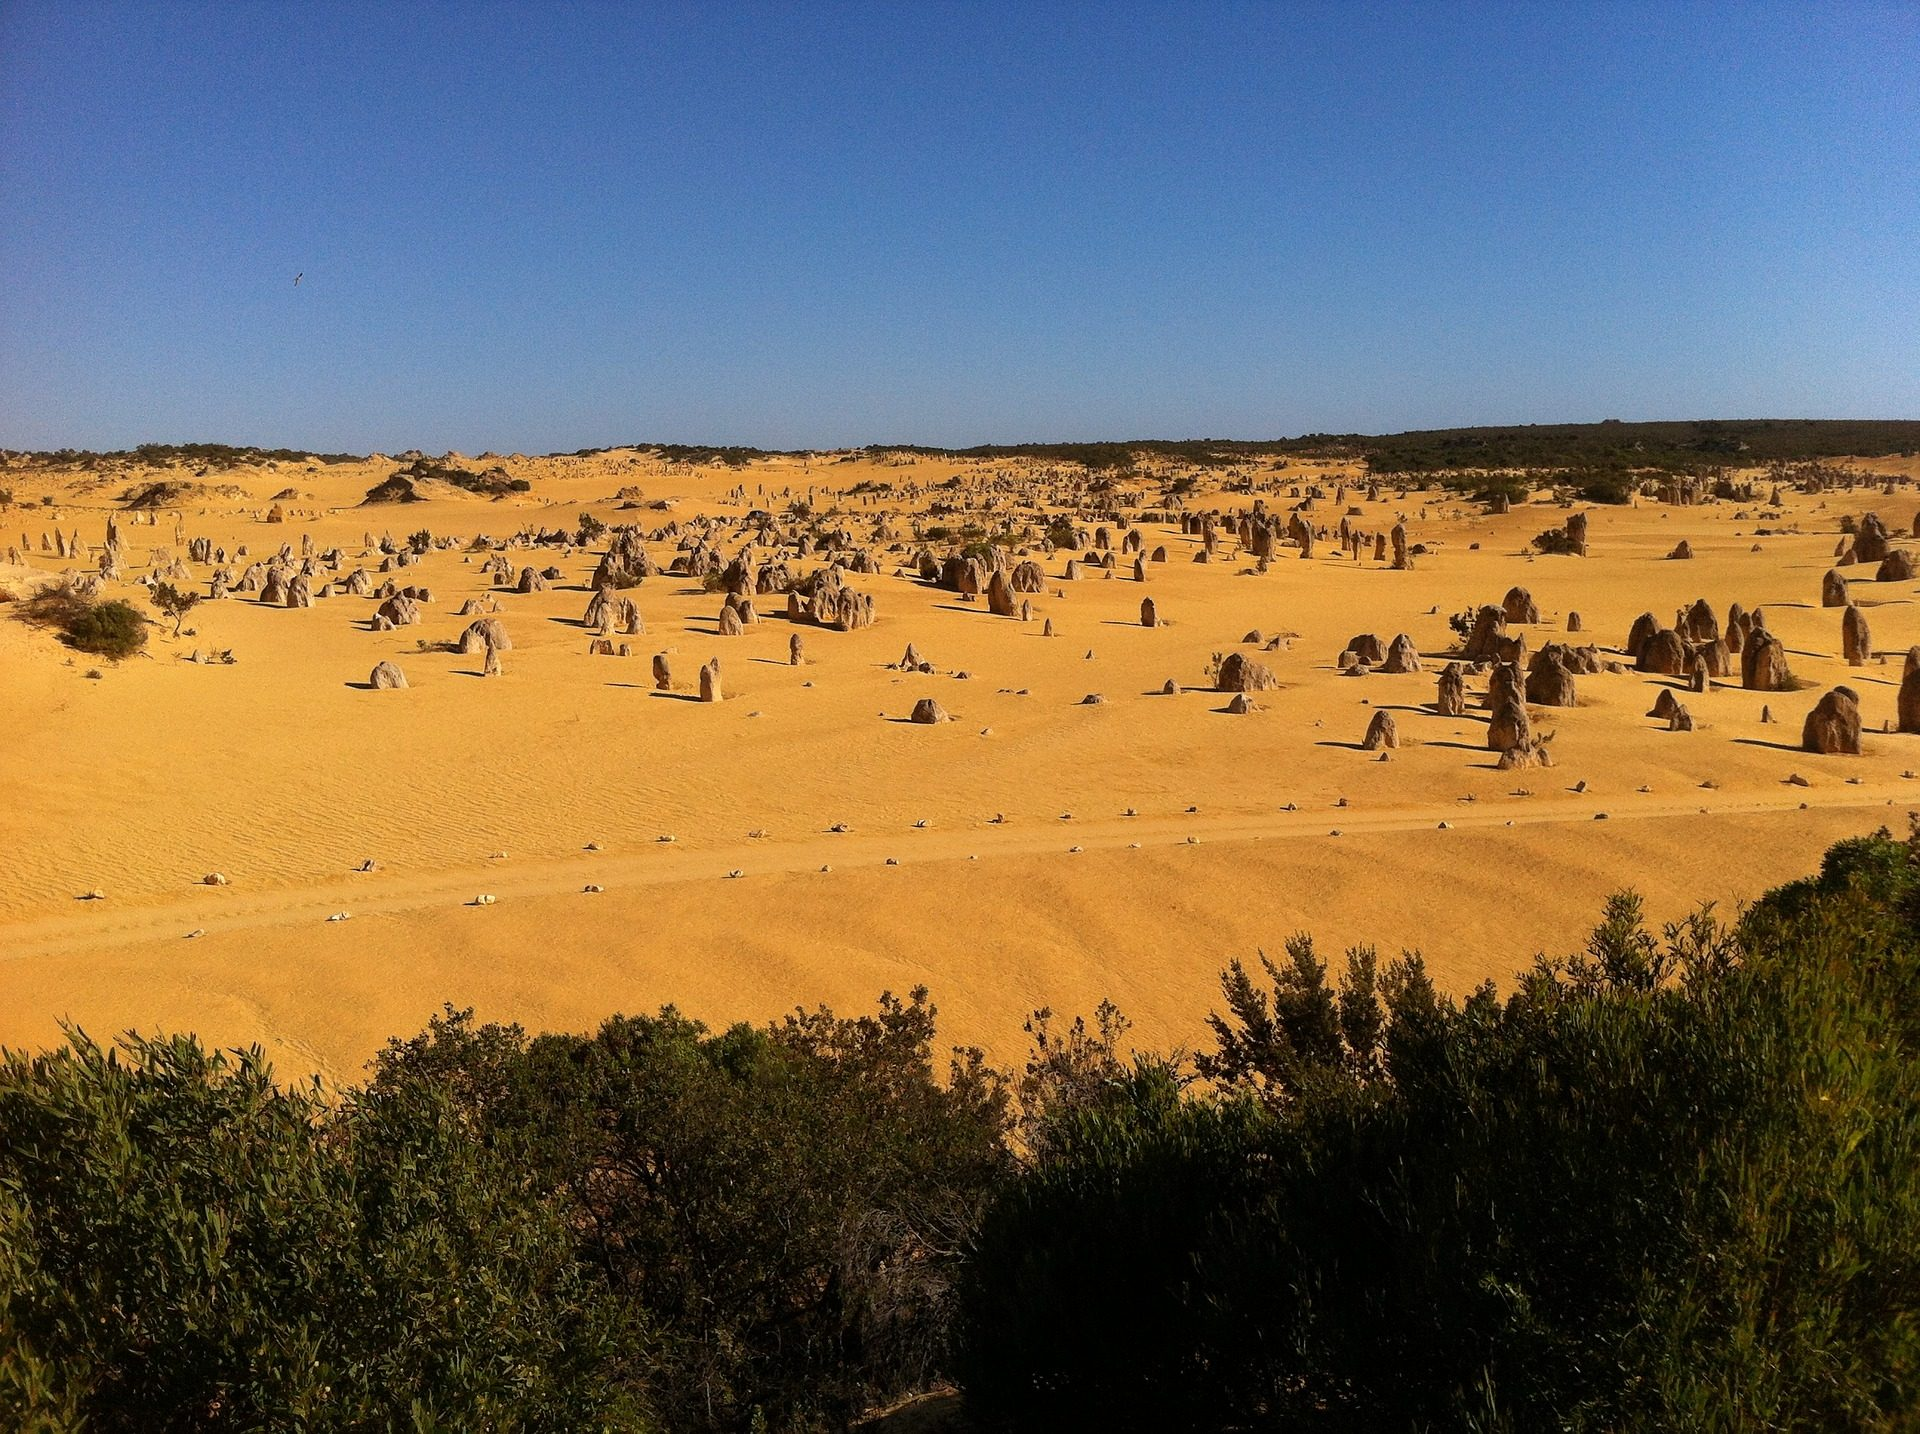 deserto, areia, pedras, Rocas, árvores, Austrália - Papéis de parede HD - Professor-falken.com